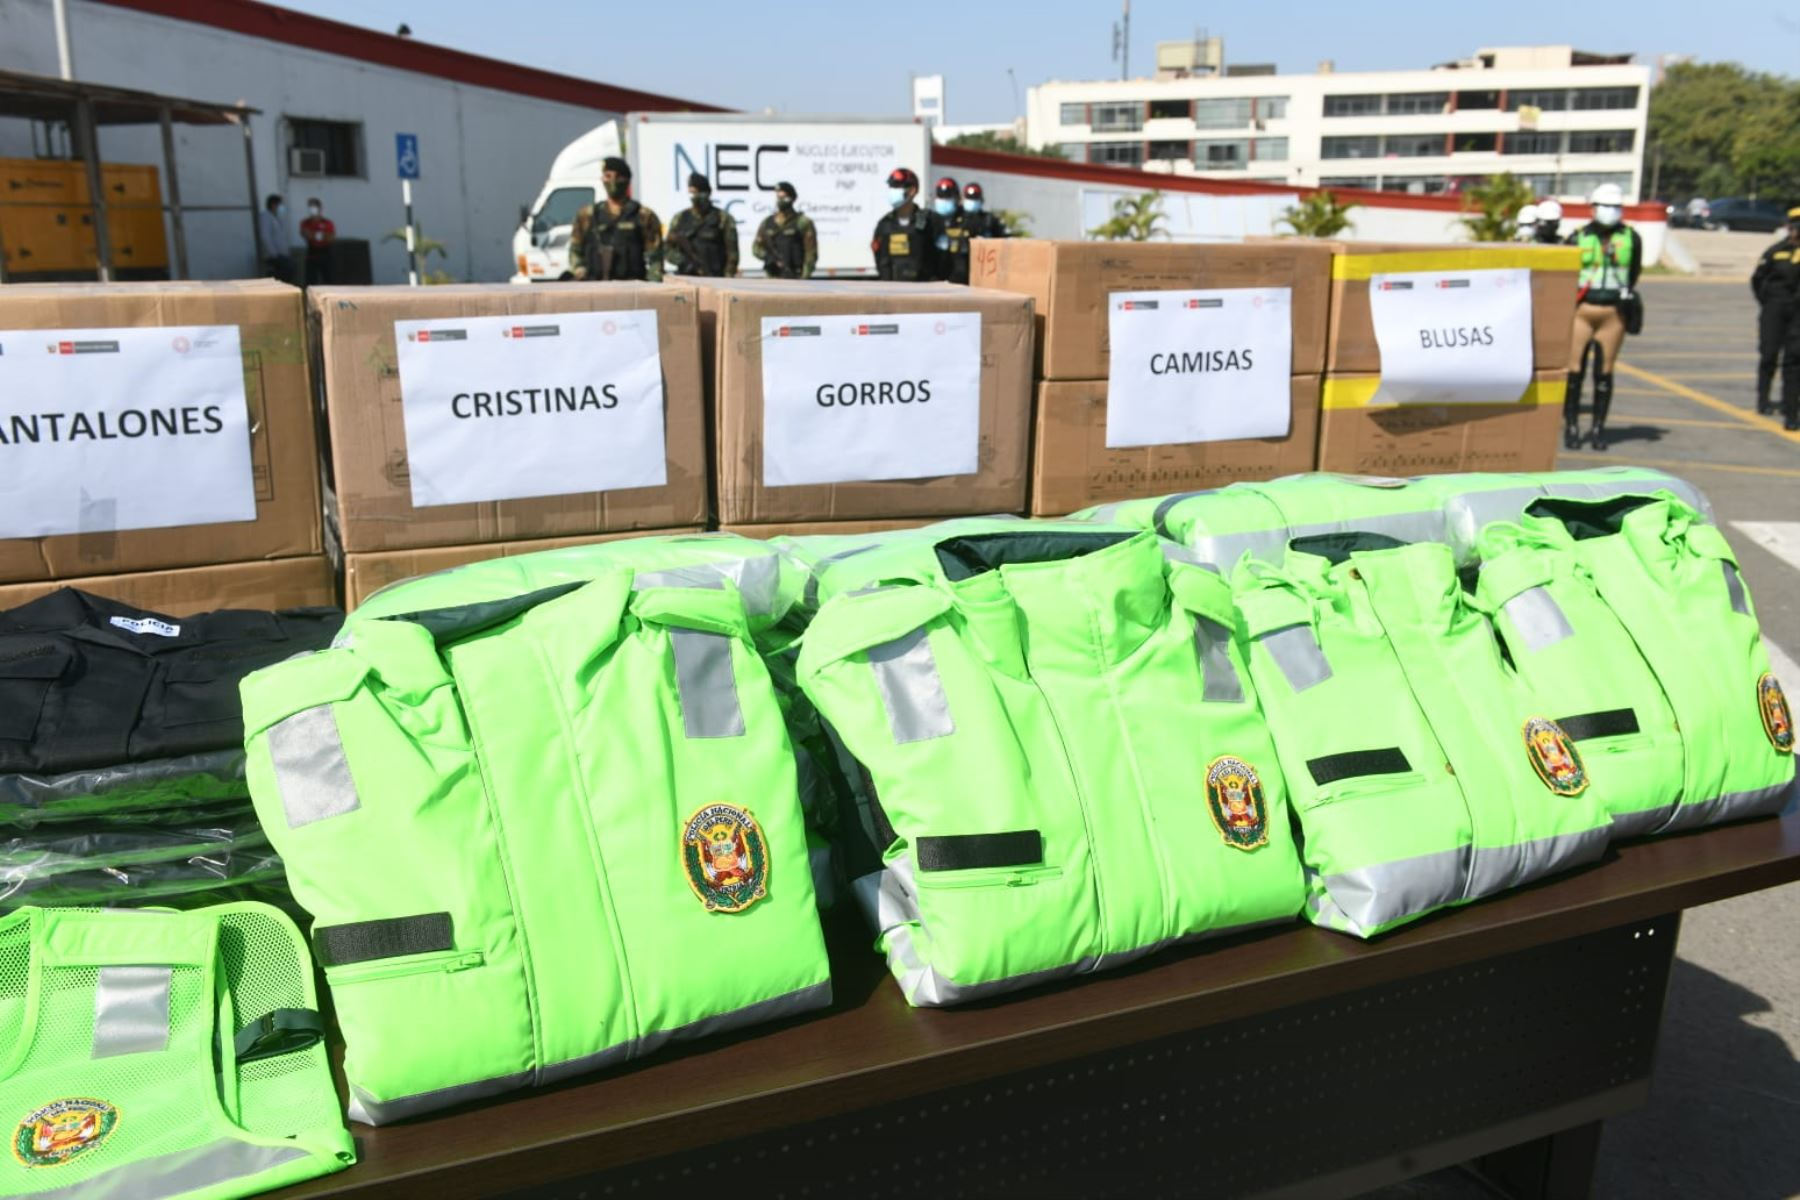 Son más de 830 000 prendas que serán entregadas a la PNP gracias a un convenio firmado entre el Núcleo Ejecutor de Compras (NEC) MYPErú y Midis Foncodes. Comprenden uniformes de oficina, así como vestimenta complementaria para policías varones y mujeres. Foto: Mininter